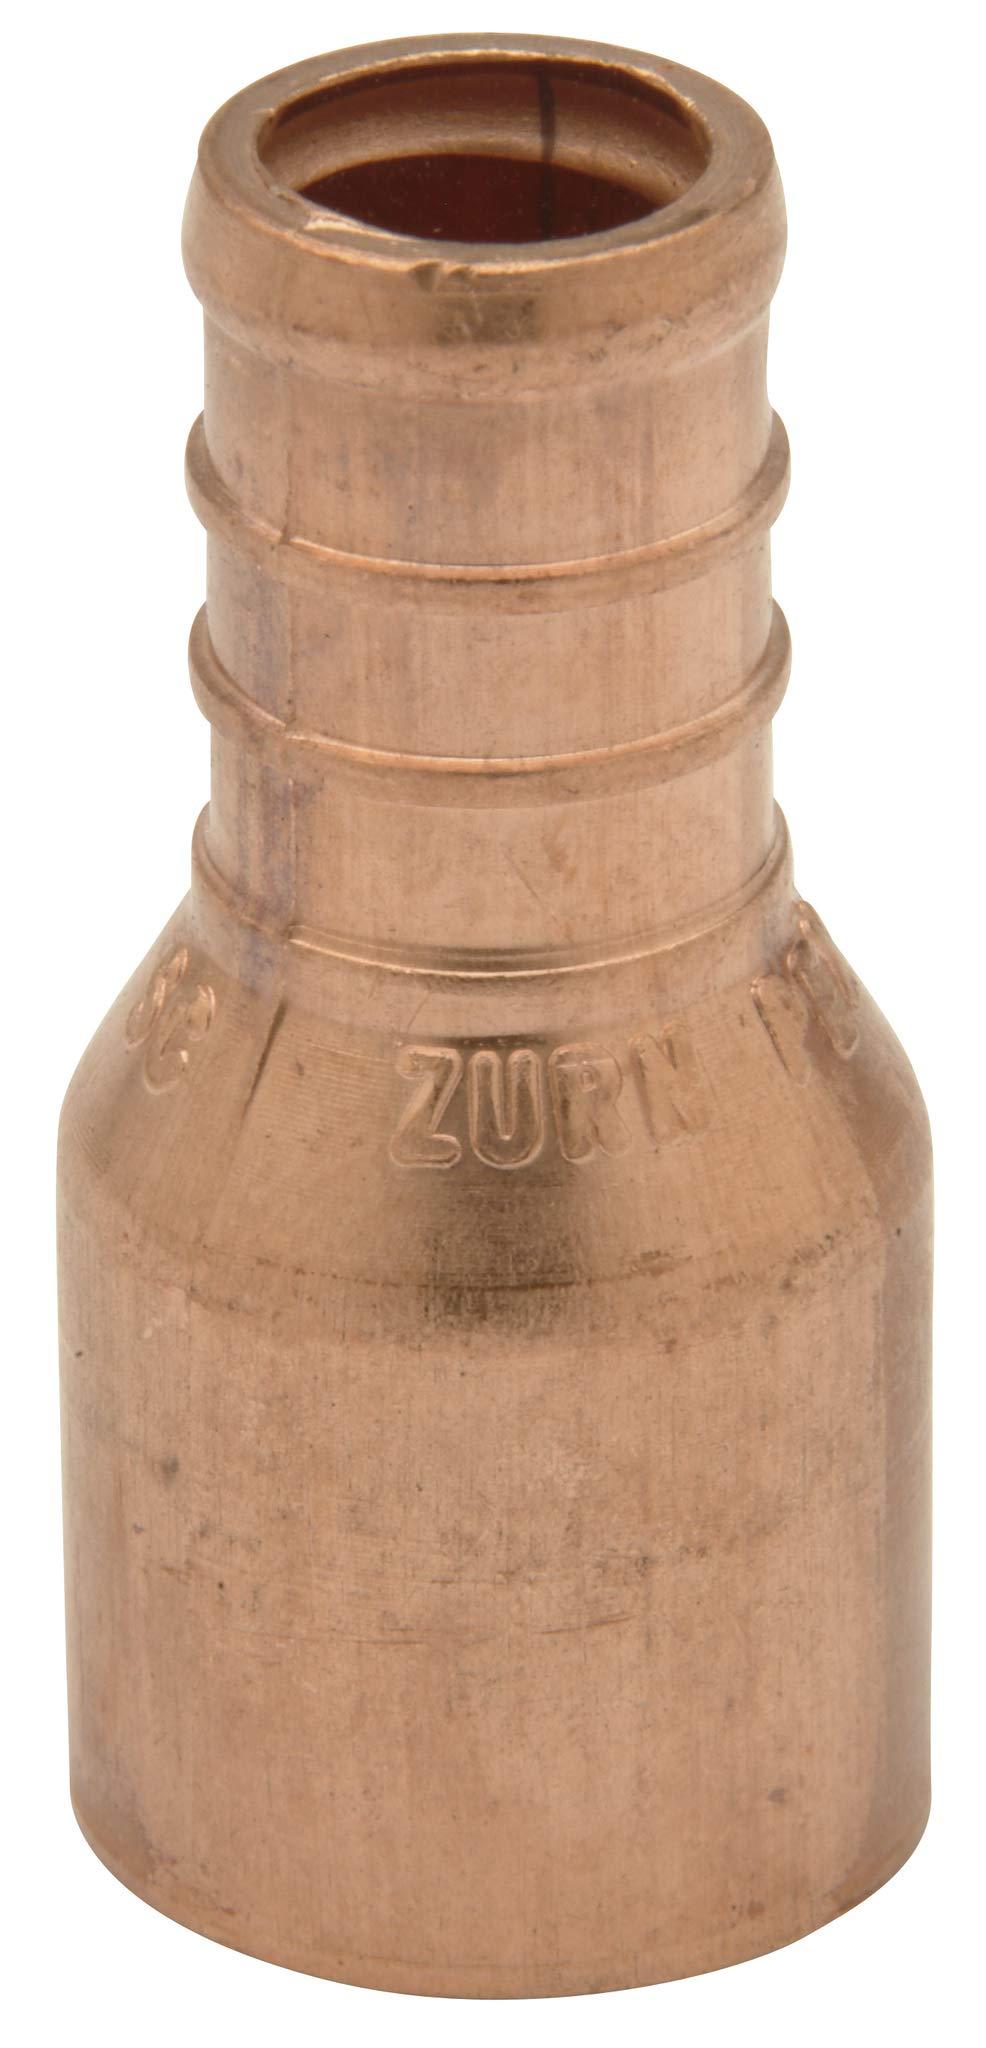 """Zurn QQ750CX Crimp Female Sweat Adapter, Small Diameter, 1/2"""" Female Sweat x 1/2"""" Barb, Copper (Pack of 50)"""